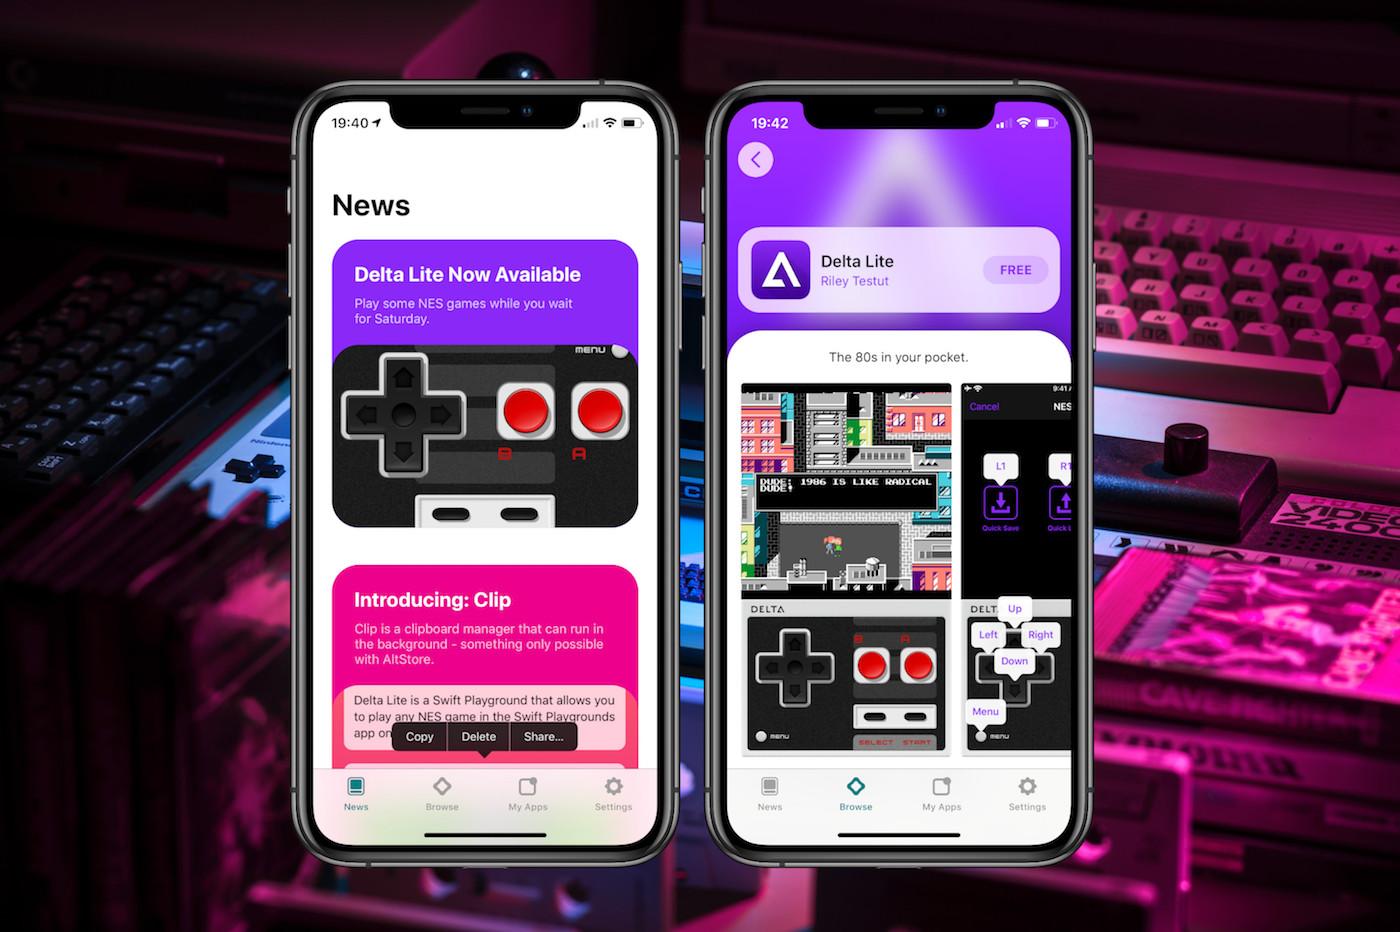 AltStore gameboy iphone